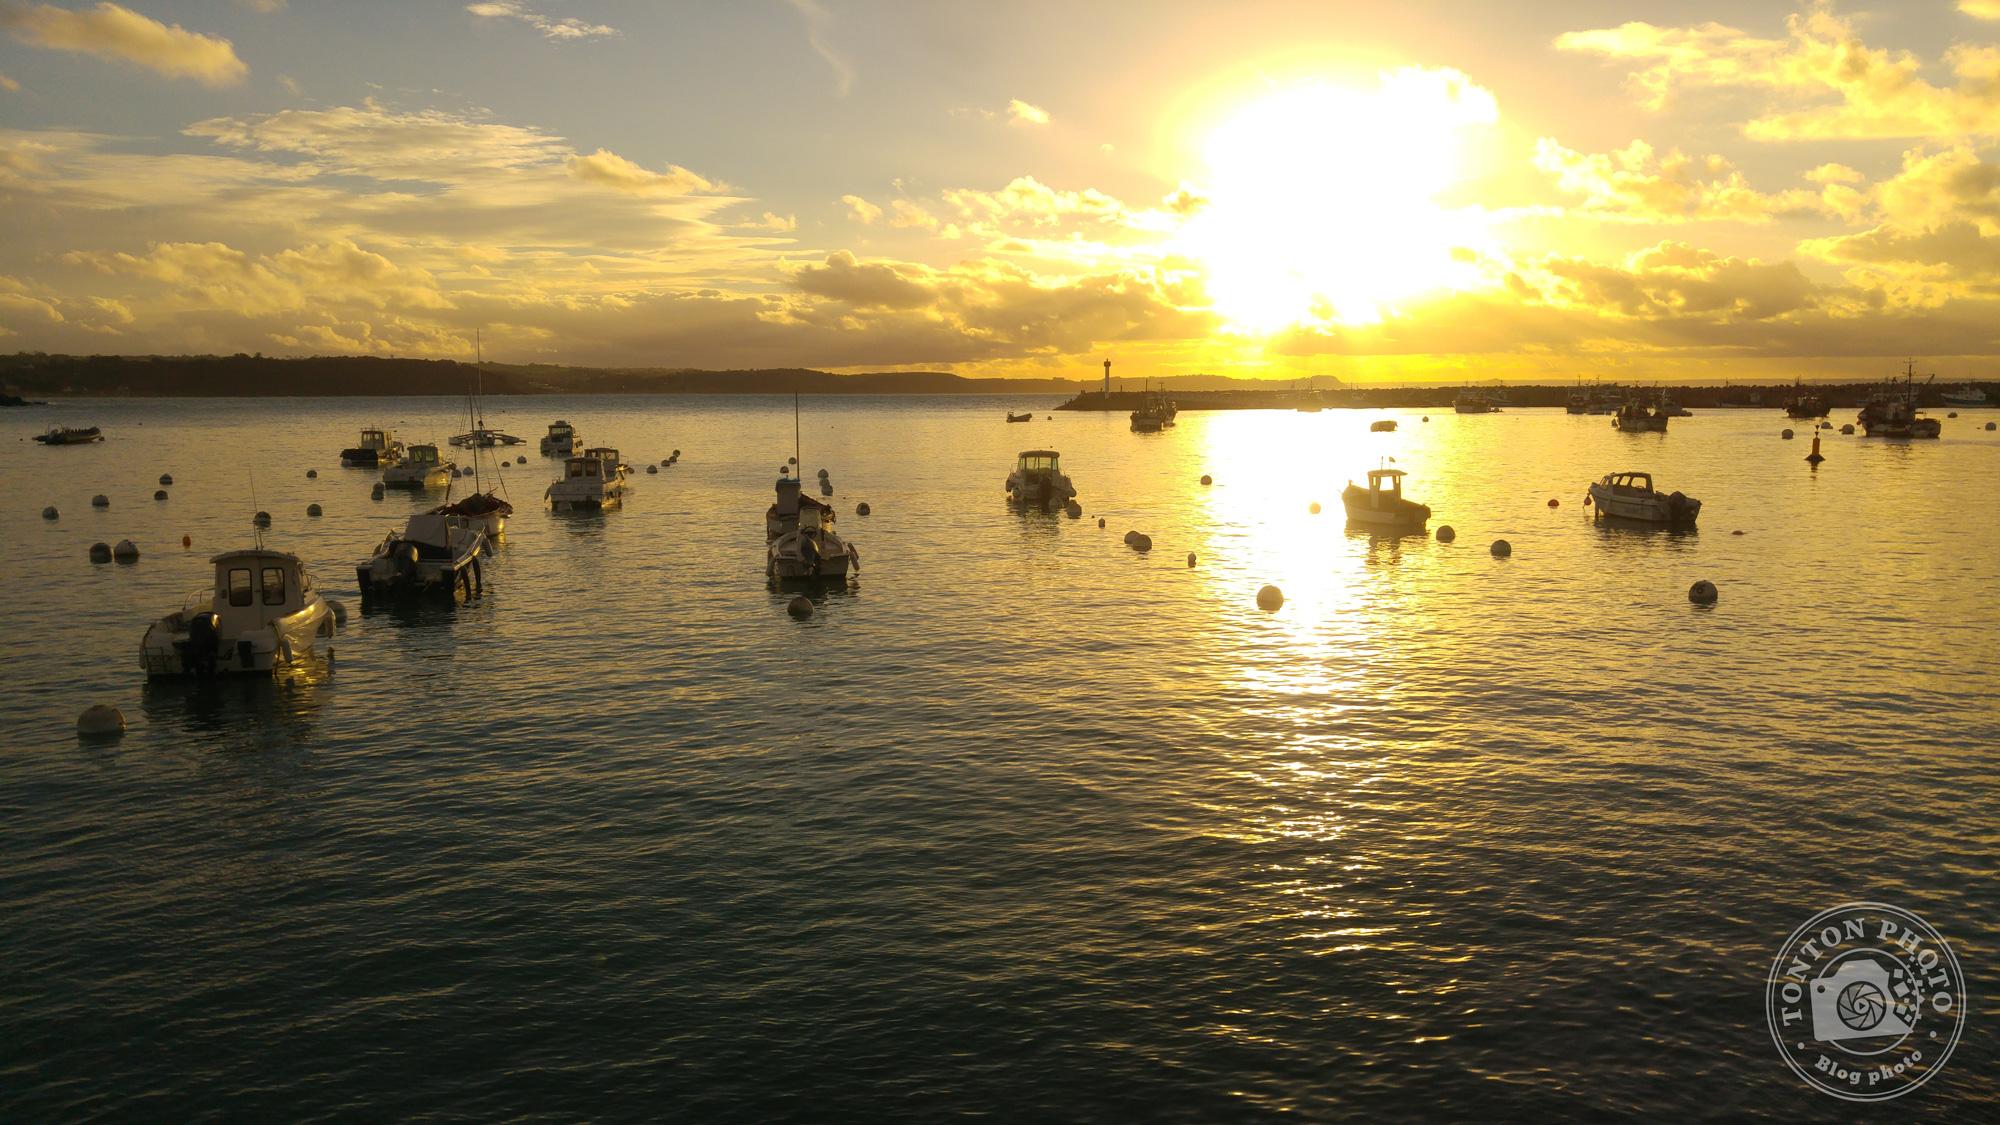 Test du photophone LG G4 : Coucher de soleil sur le port d'Erquy, en Bretagne (France). F/1.8 - 1/2000 - ISO 50 © Clément Racineux / Tonton Photo